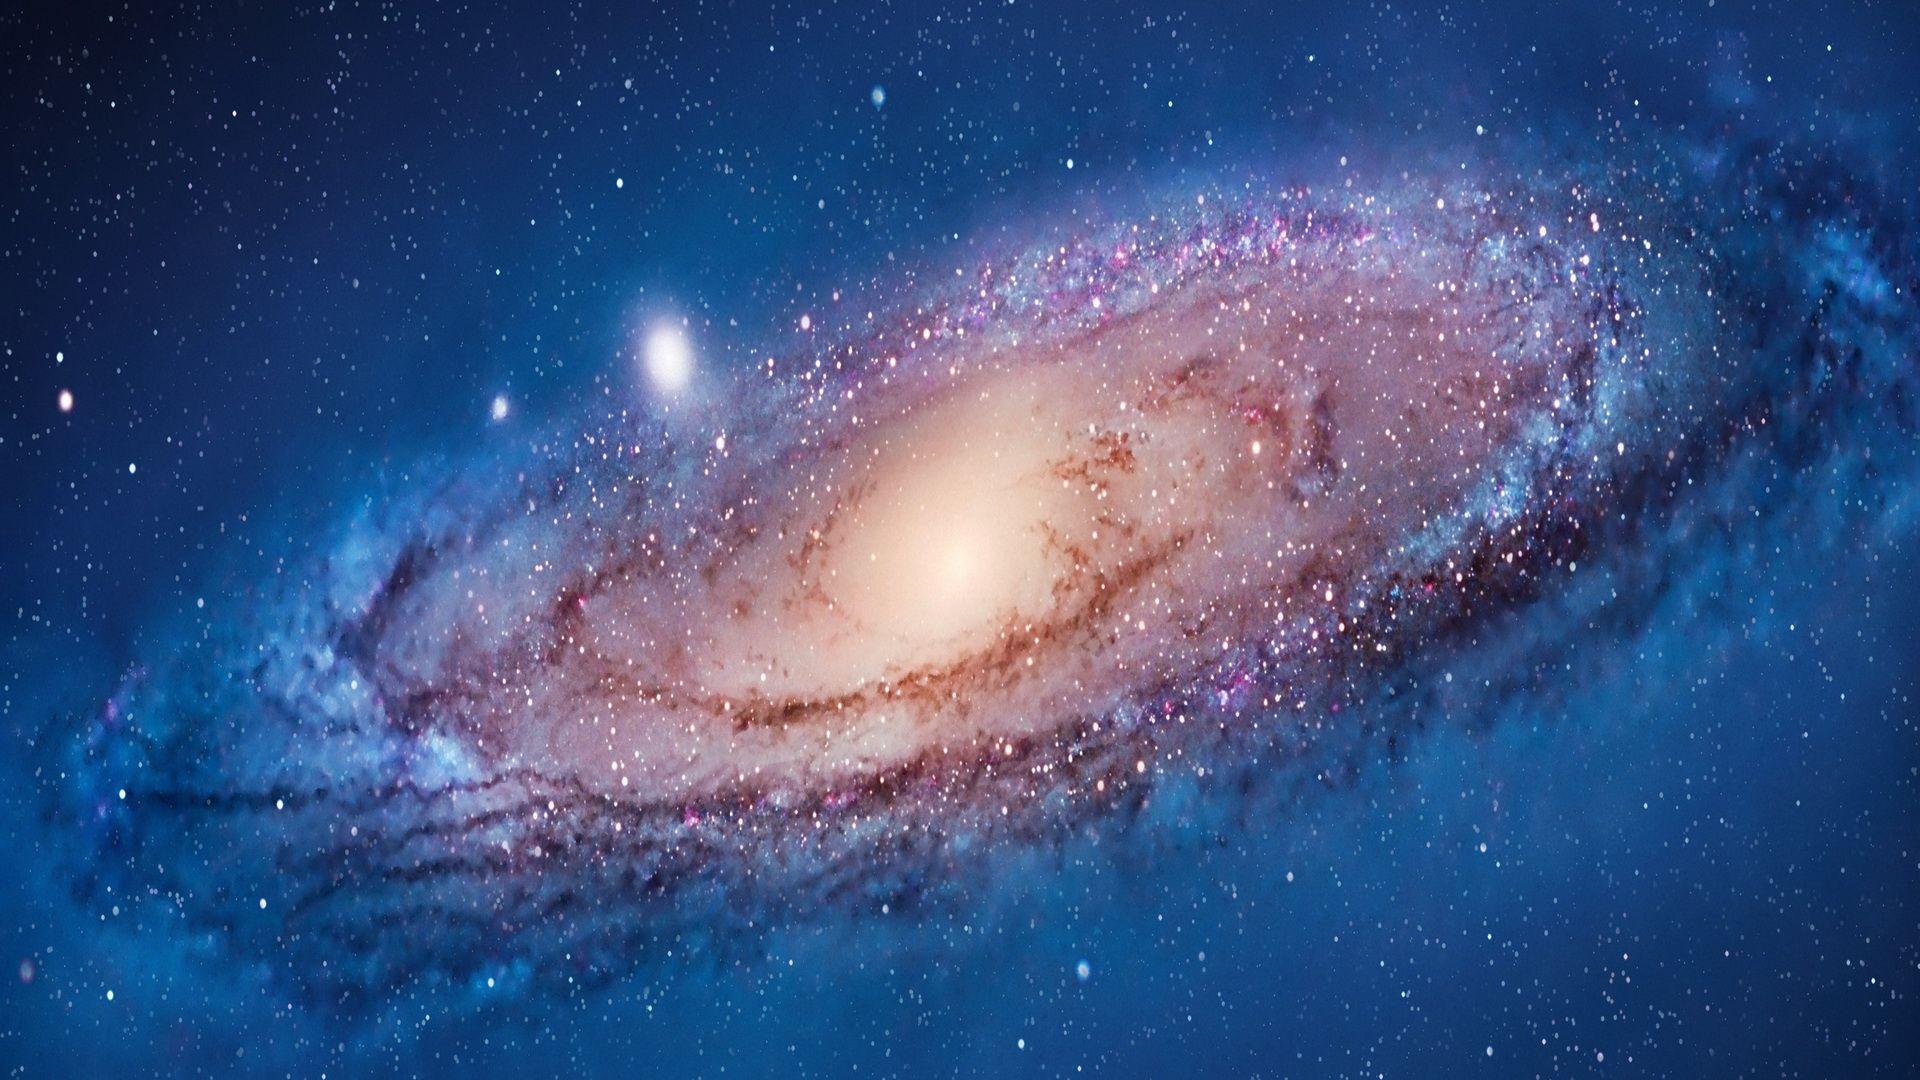 The Andromeda Galaxy Misterios Inexplicaveis Galaxia De Andromeda Constelacao